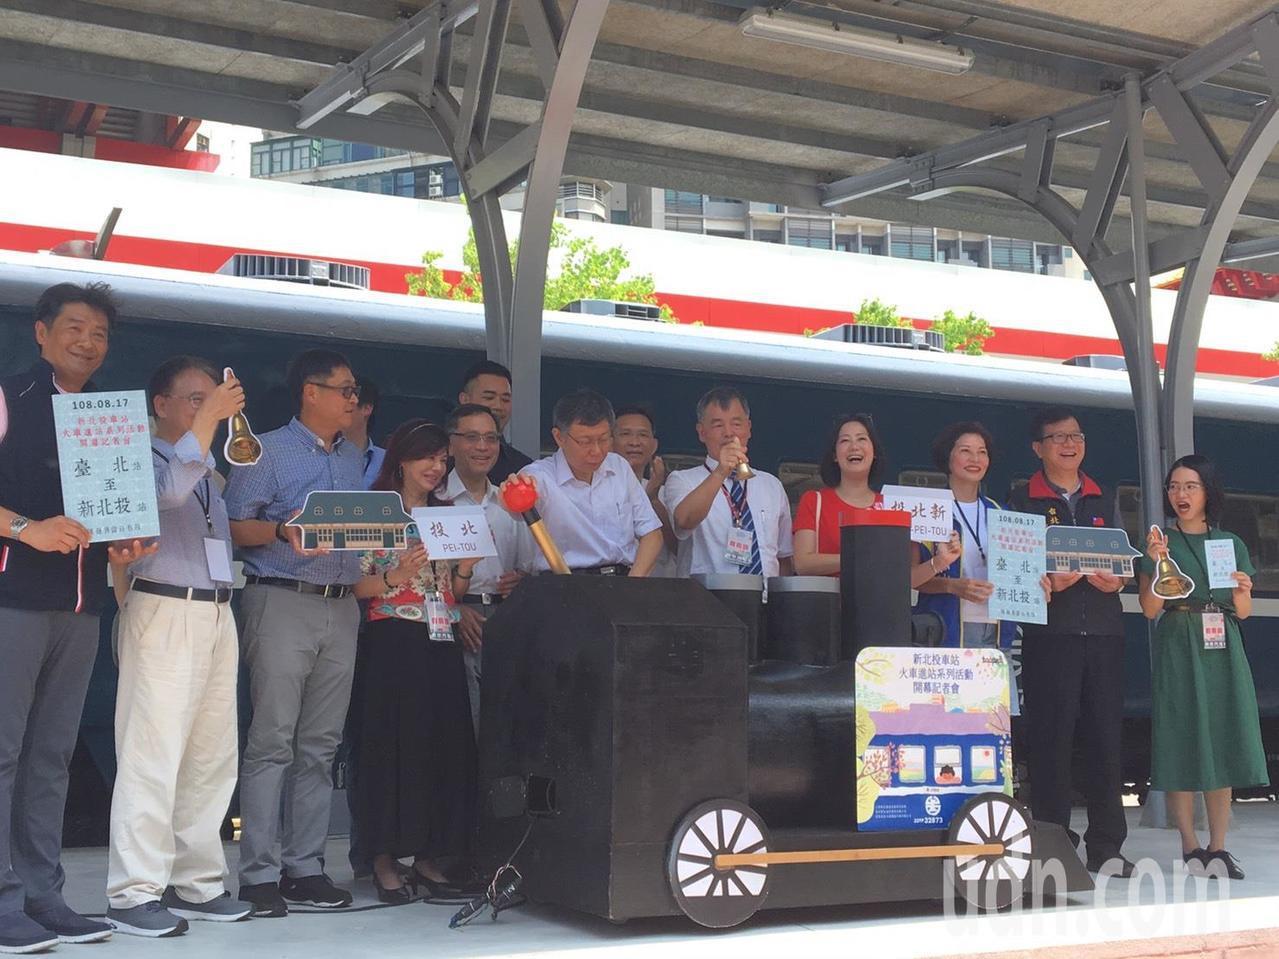 北市文化局今上午在北投七星公園,舉行新北投車站火車進站活動。記者郭頤/攝影